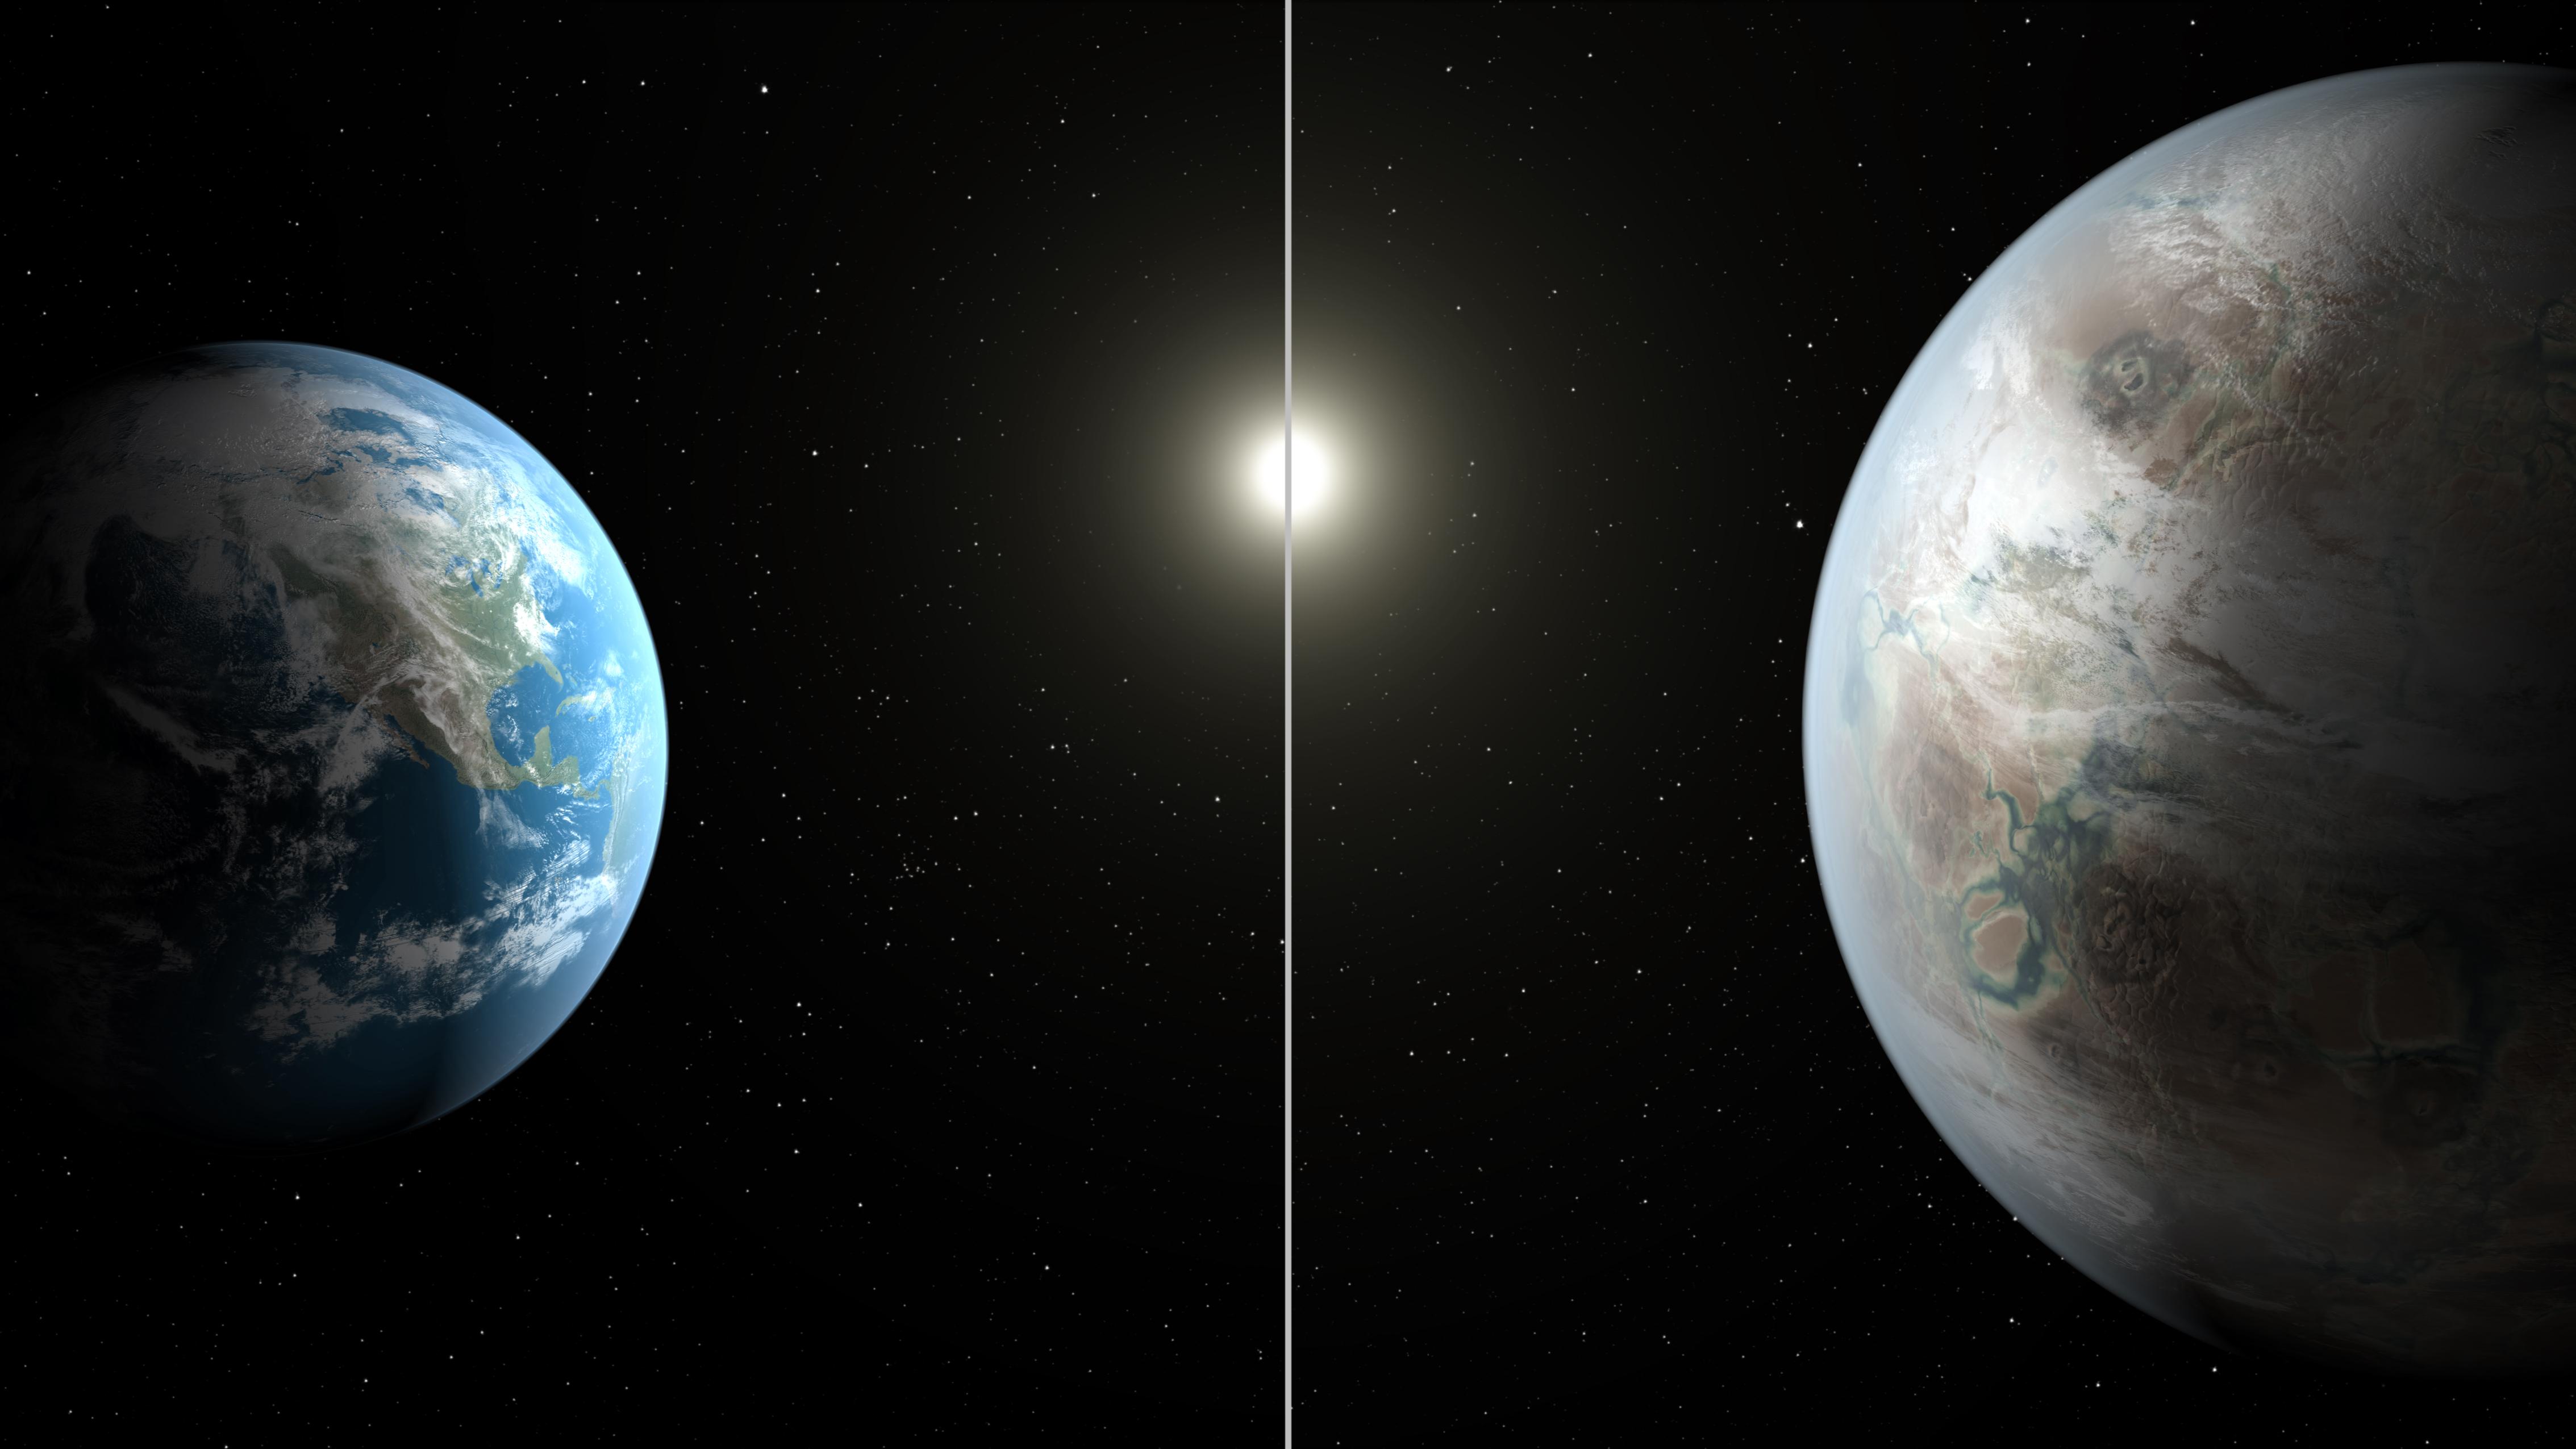 Kepler 452-b er en av de mest jordliknende planetene som er funnet. Her er størrelsen sammenliknet med jorda. Grafikk: NASA Ames/JPL-Caltech/T. Pyle